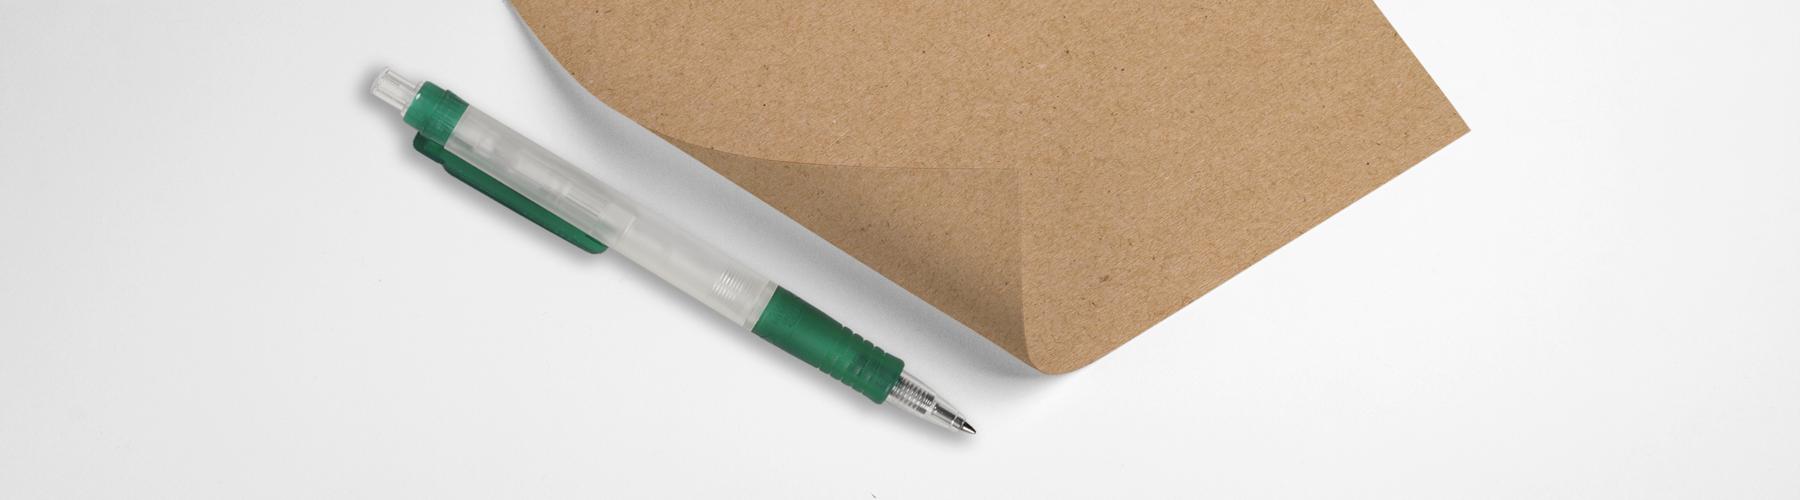 Où pouvez-vous imprimer écologique ?